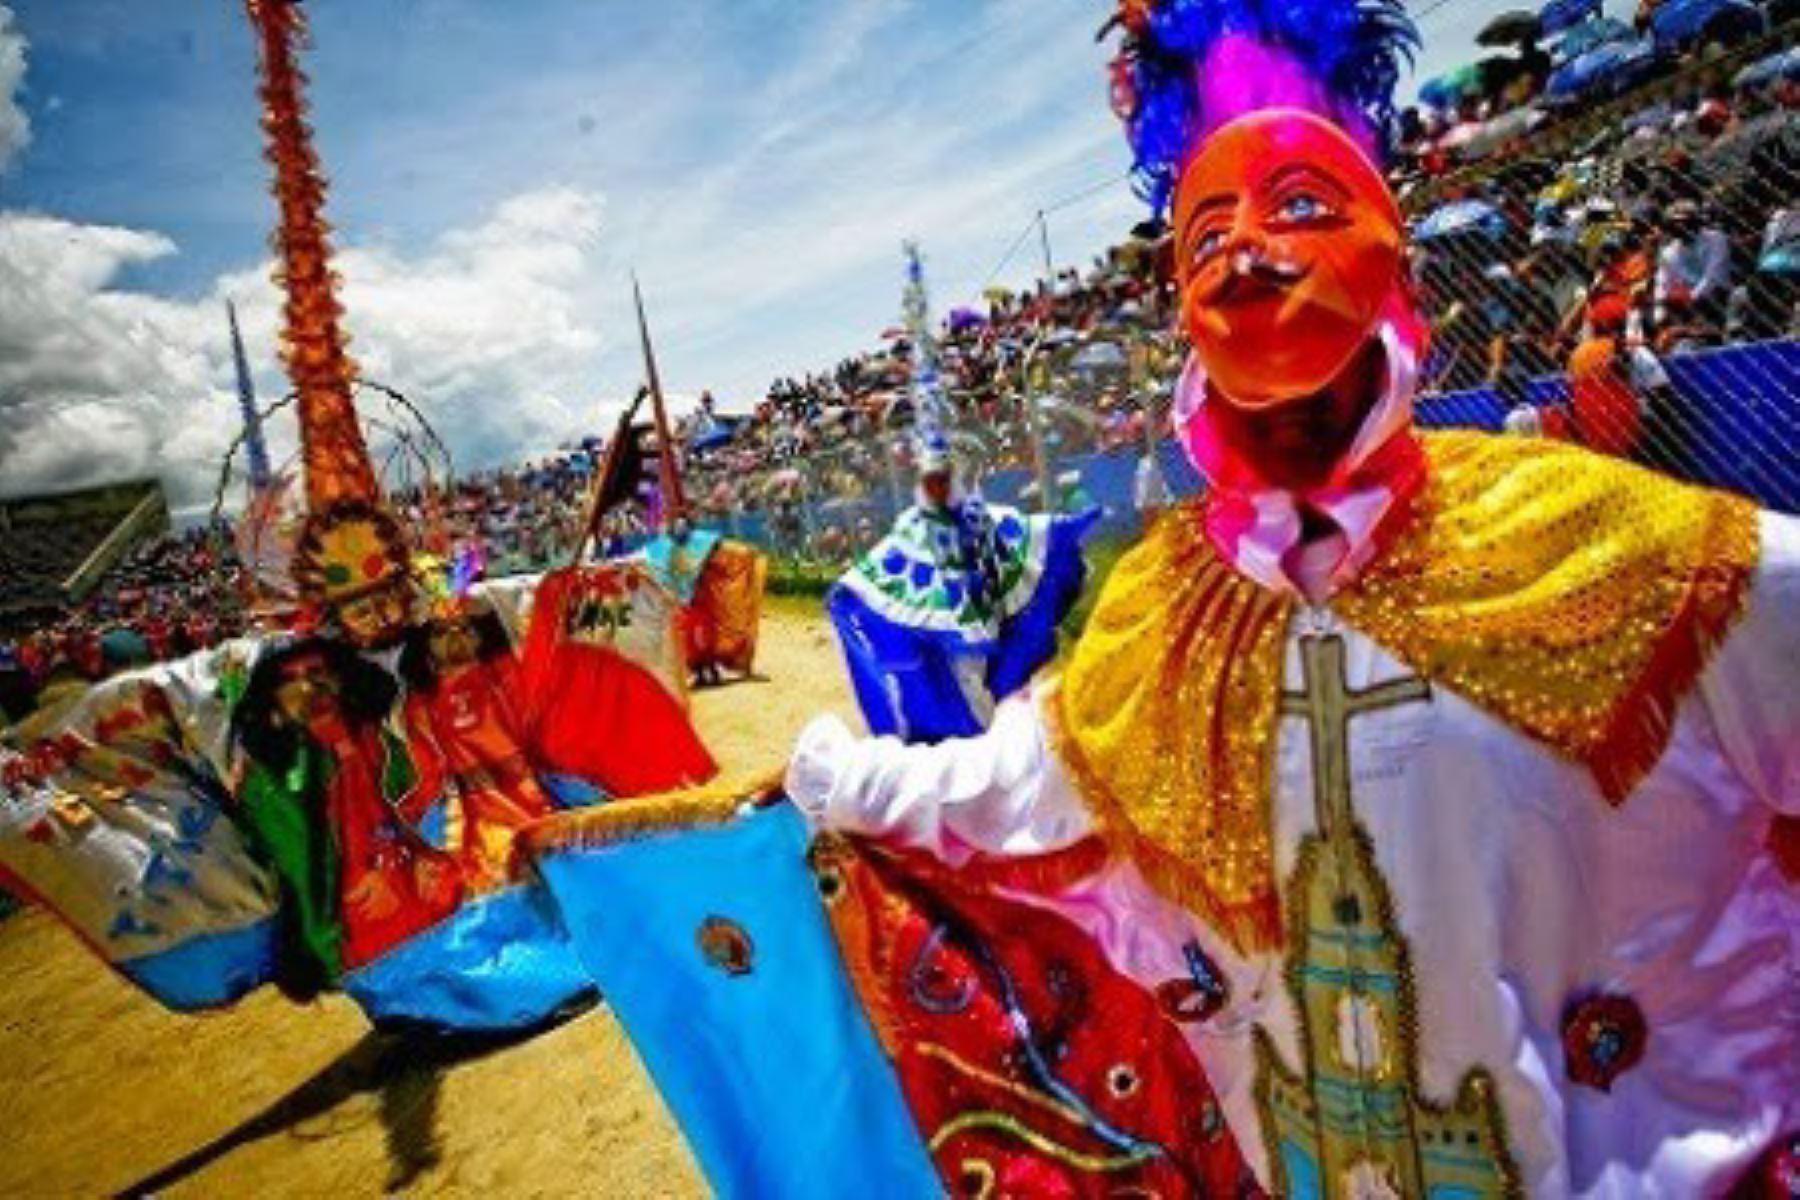 Carnavales en Perú: la fiesta desbordante de todas las sangres y culturas regionales.